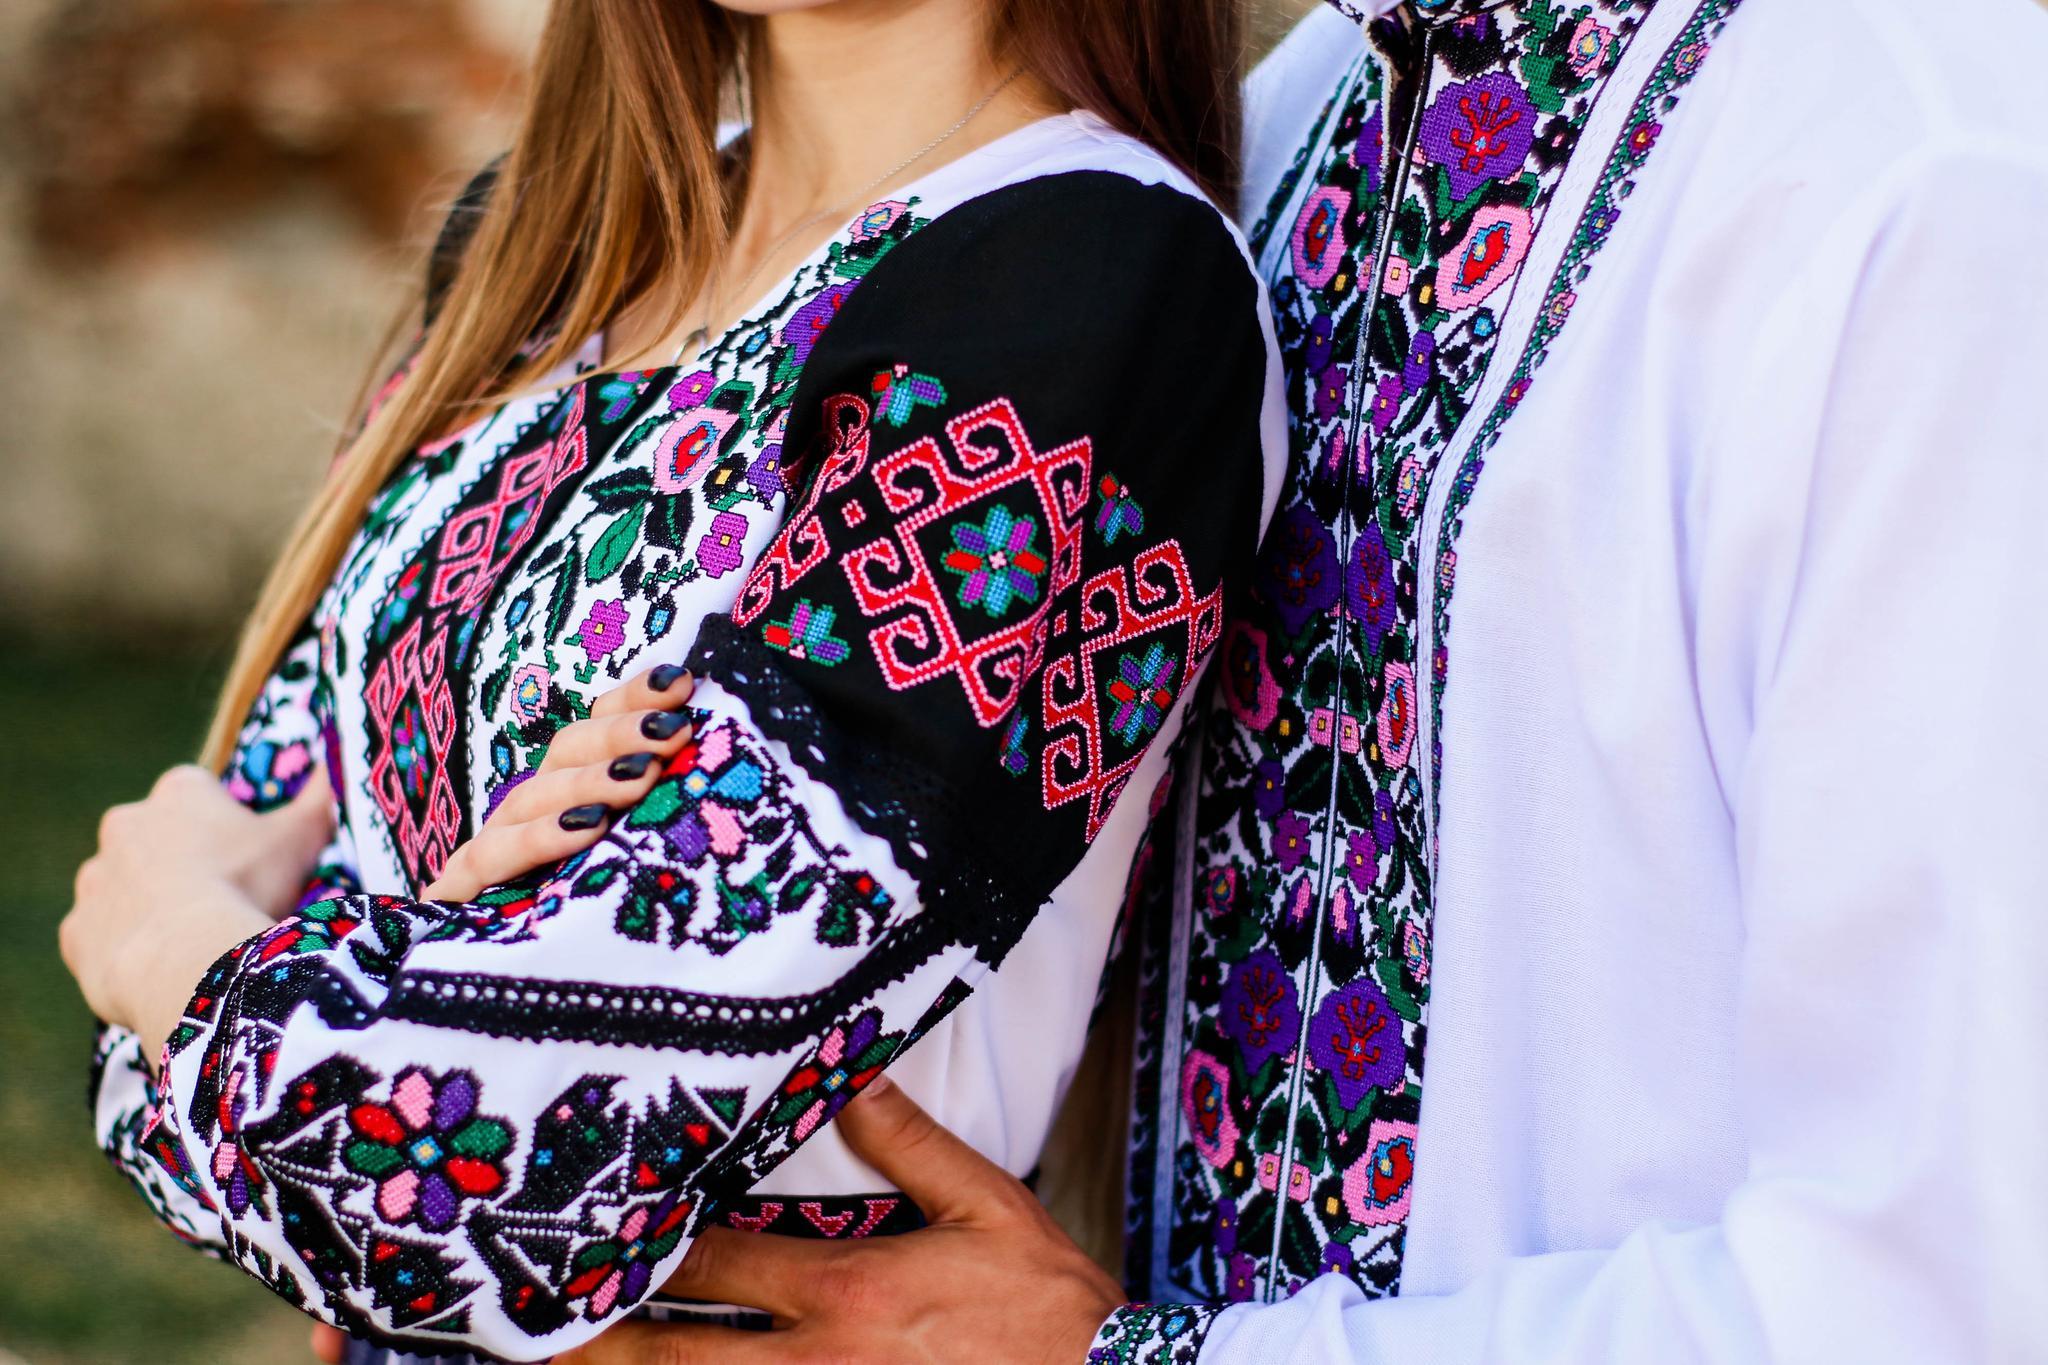 Тернополяни у вишиванках 28 серпня не платитимуть у транспорті